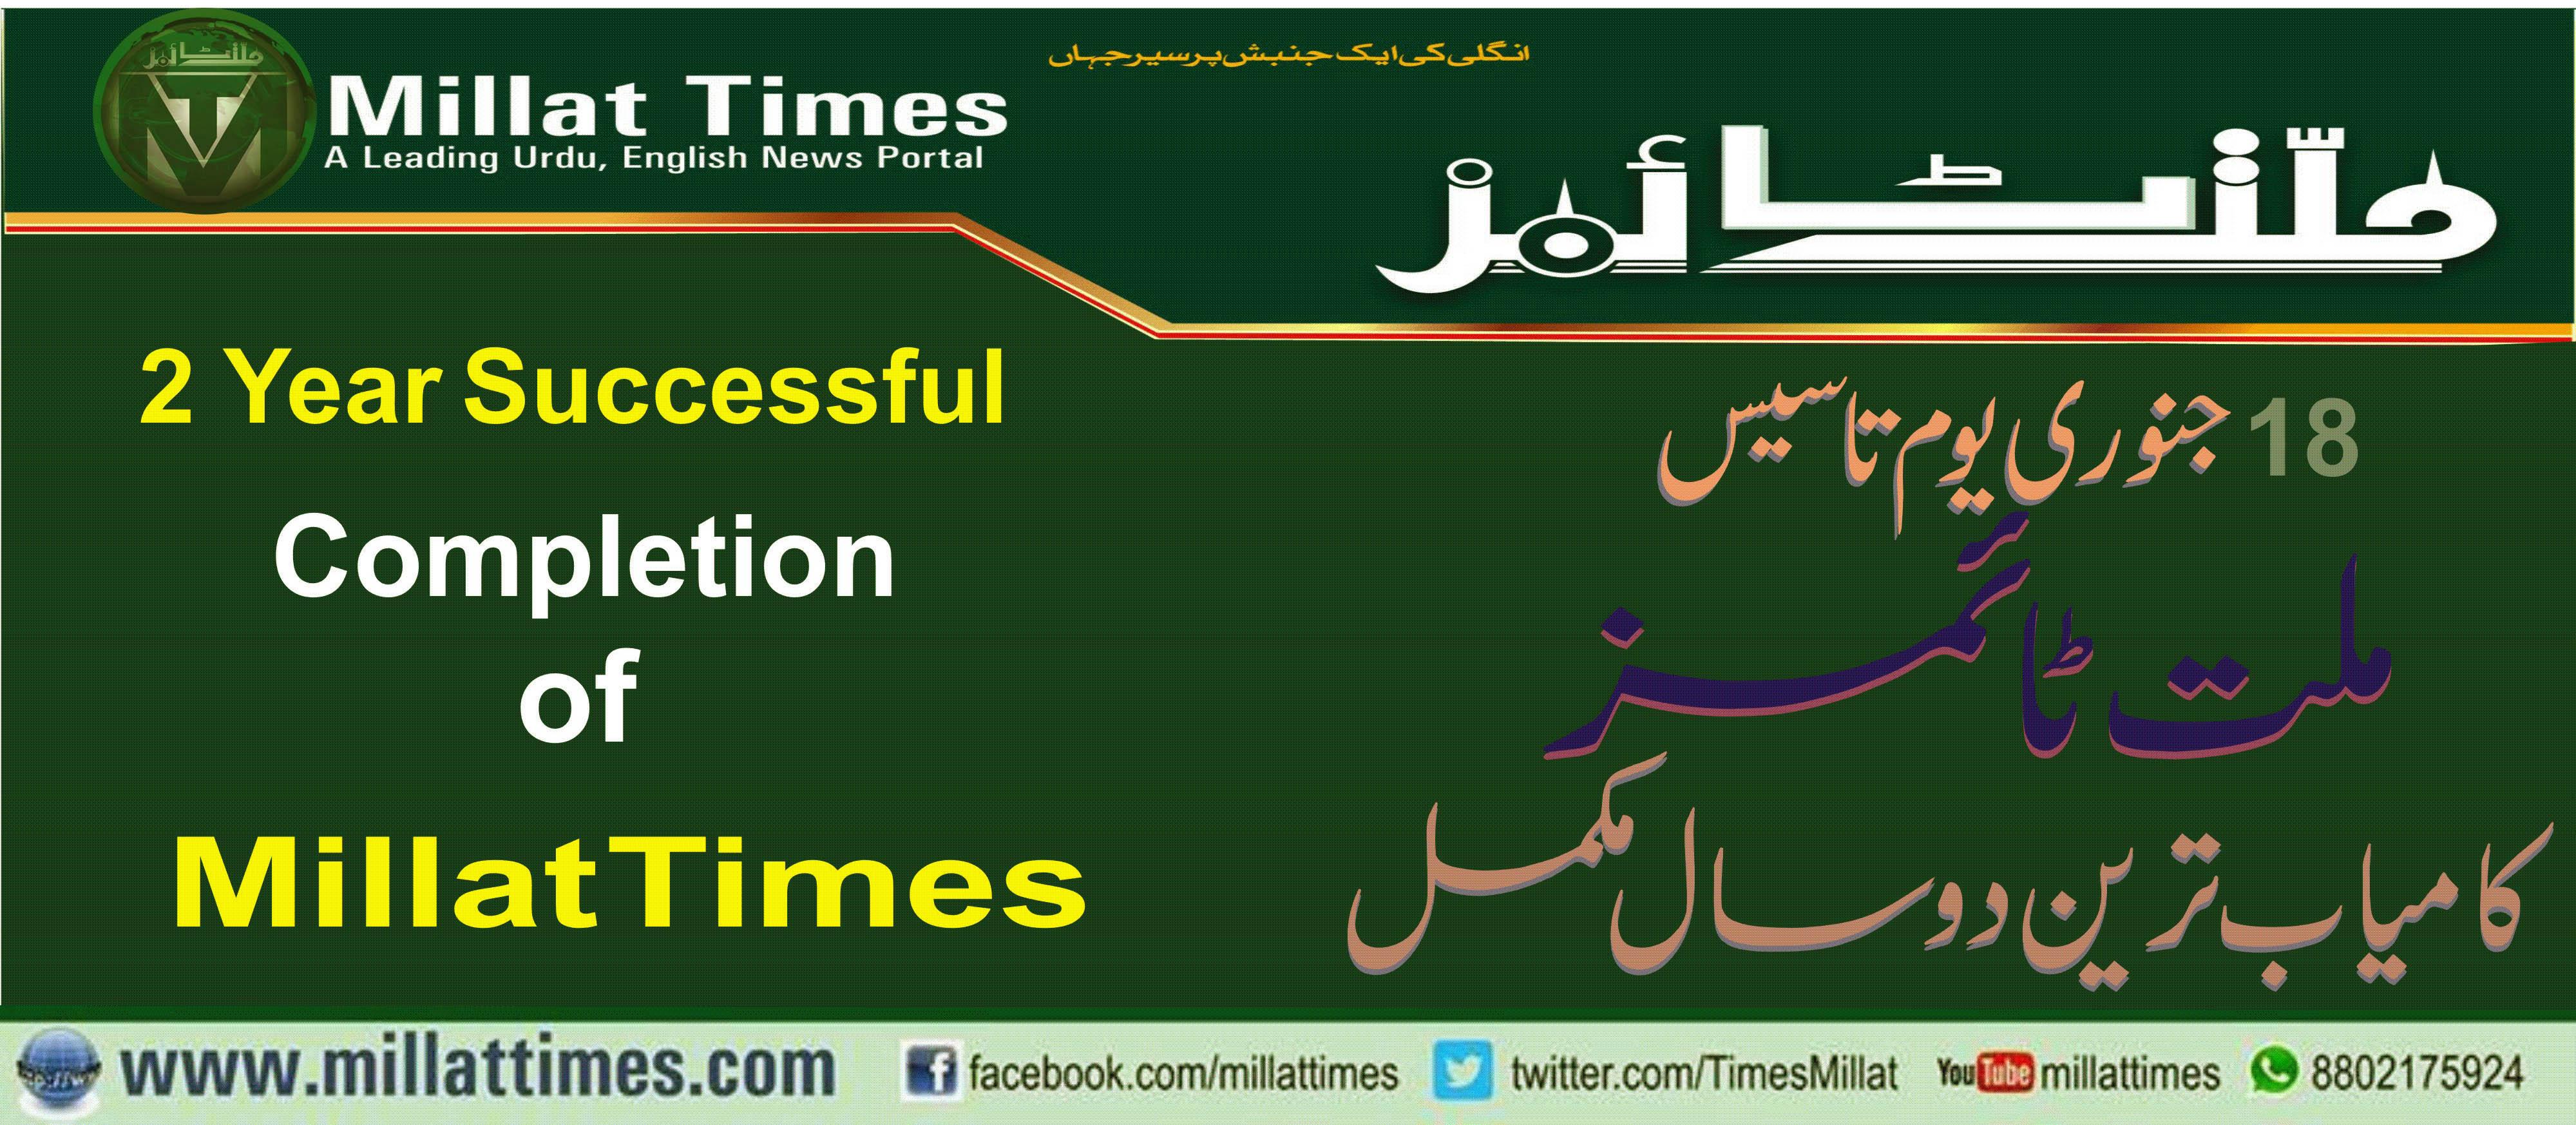 امید کی کرن : ملت ٹائمز، بصیرت آنلائن، تازہ ترین میڈیا گروپ